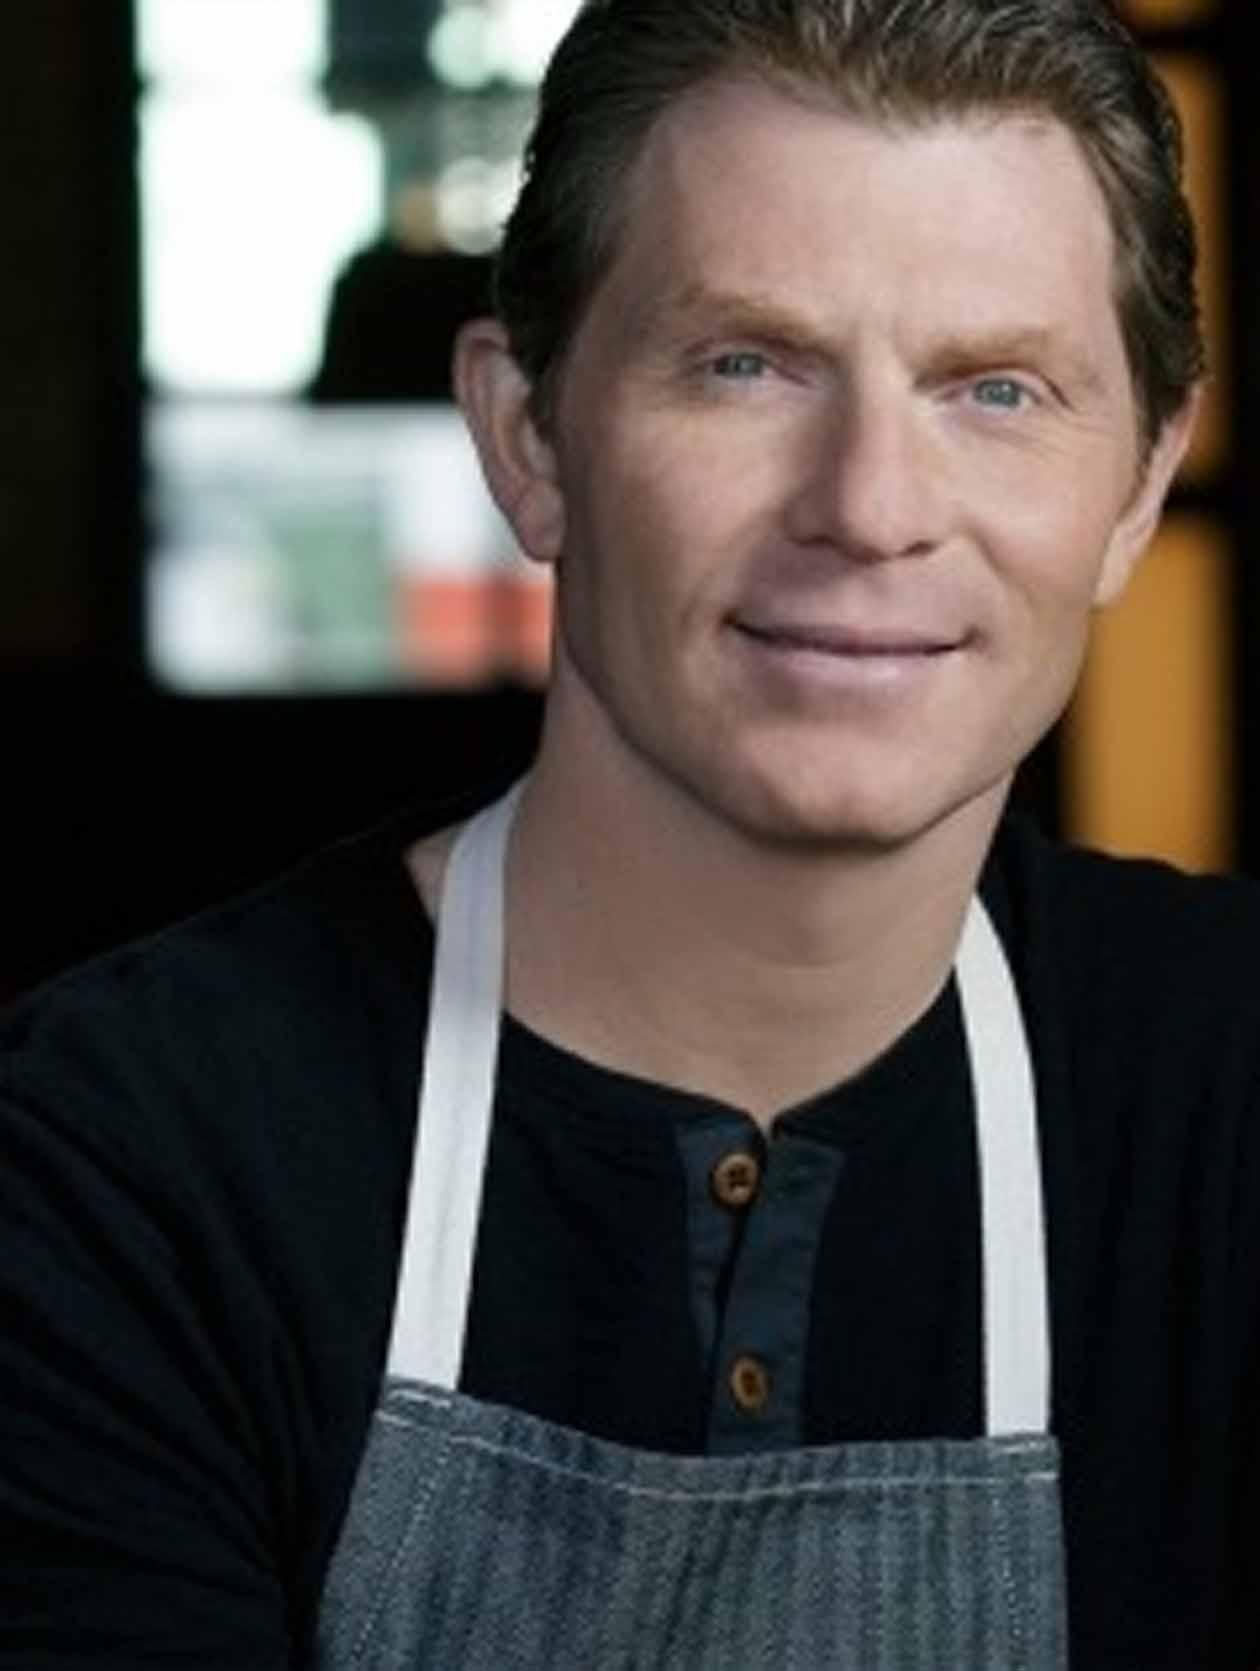 Os 30 chefs e chefs mais famosos da história 4